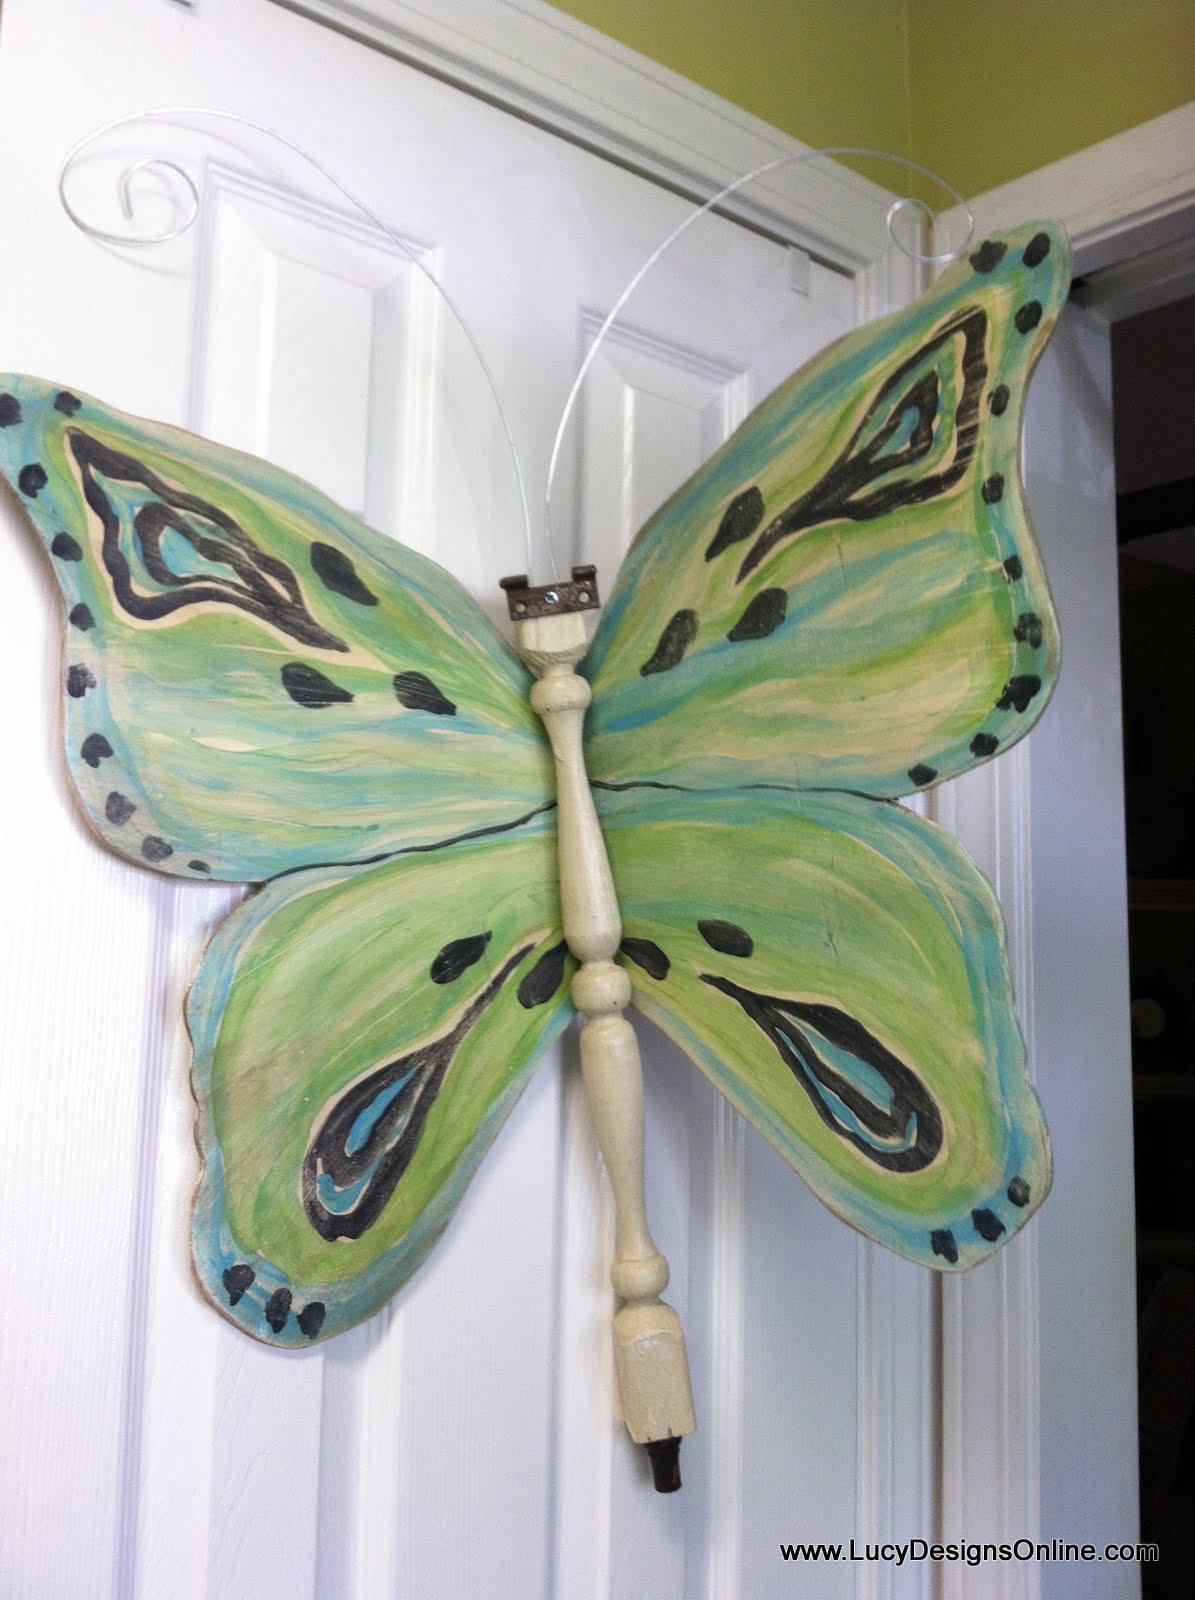 Table Leg Butterflies Recycled Art Butterflies Lucy Designs